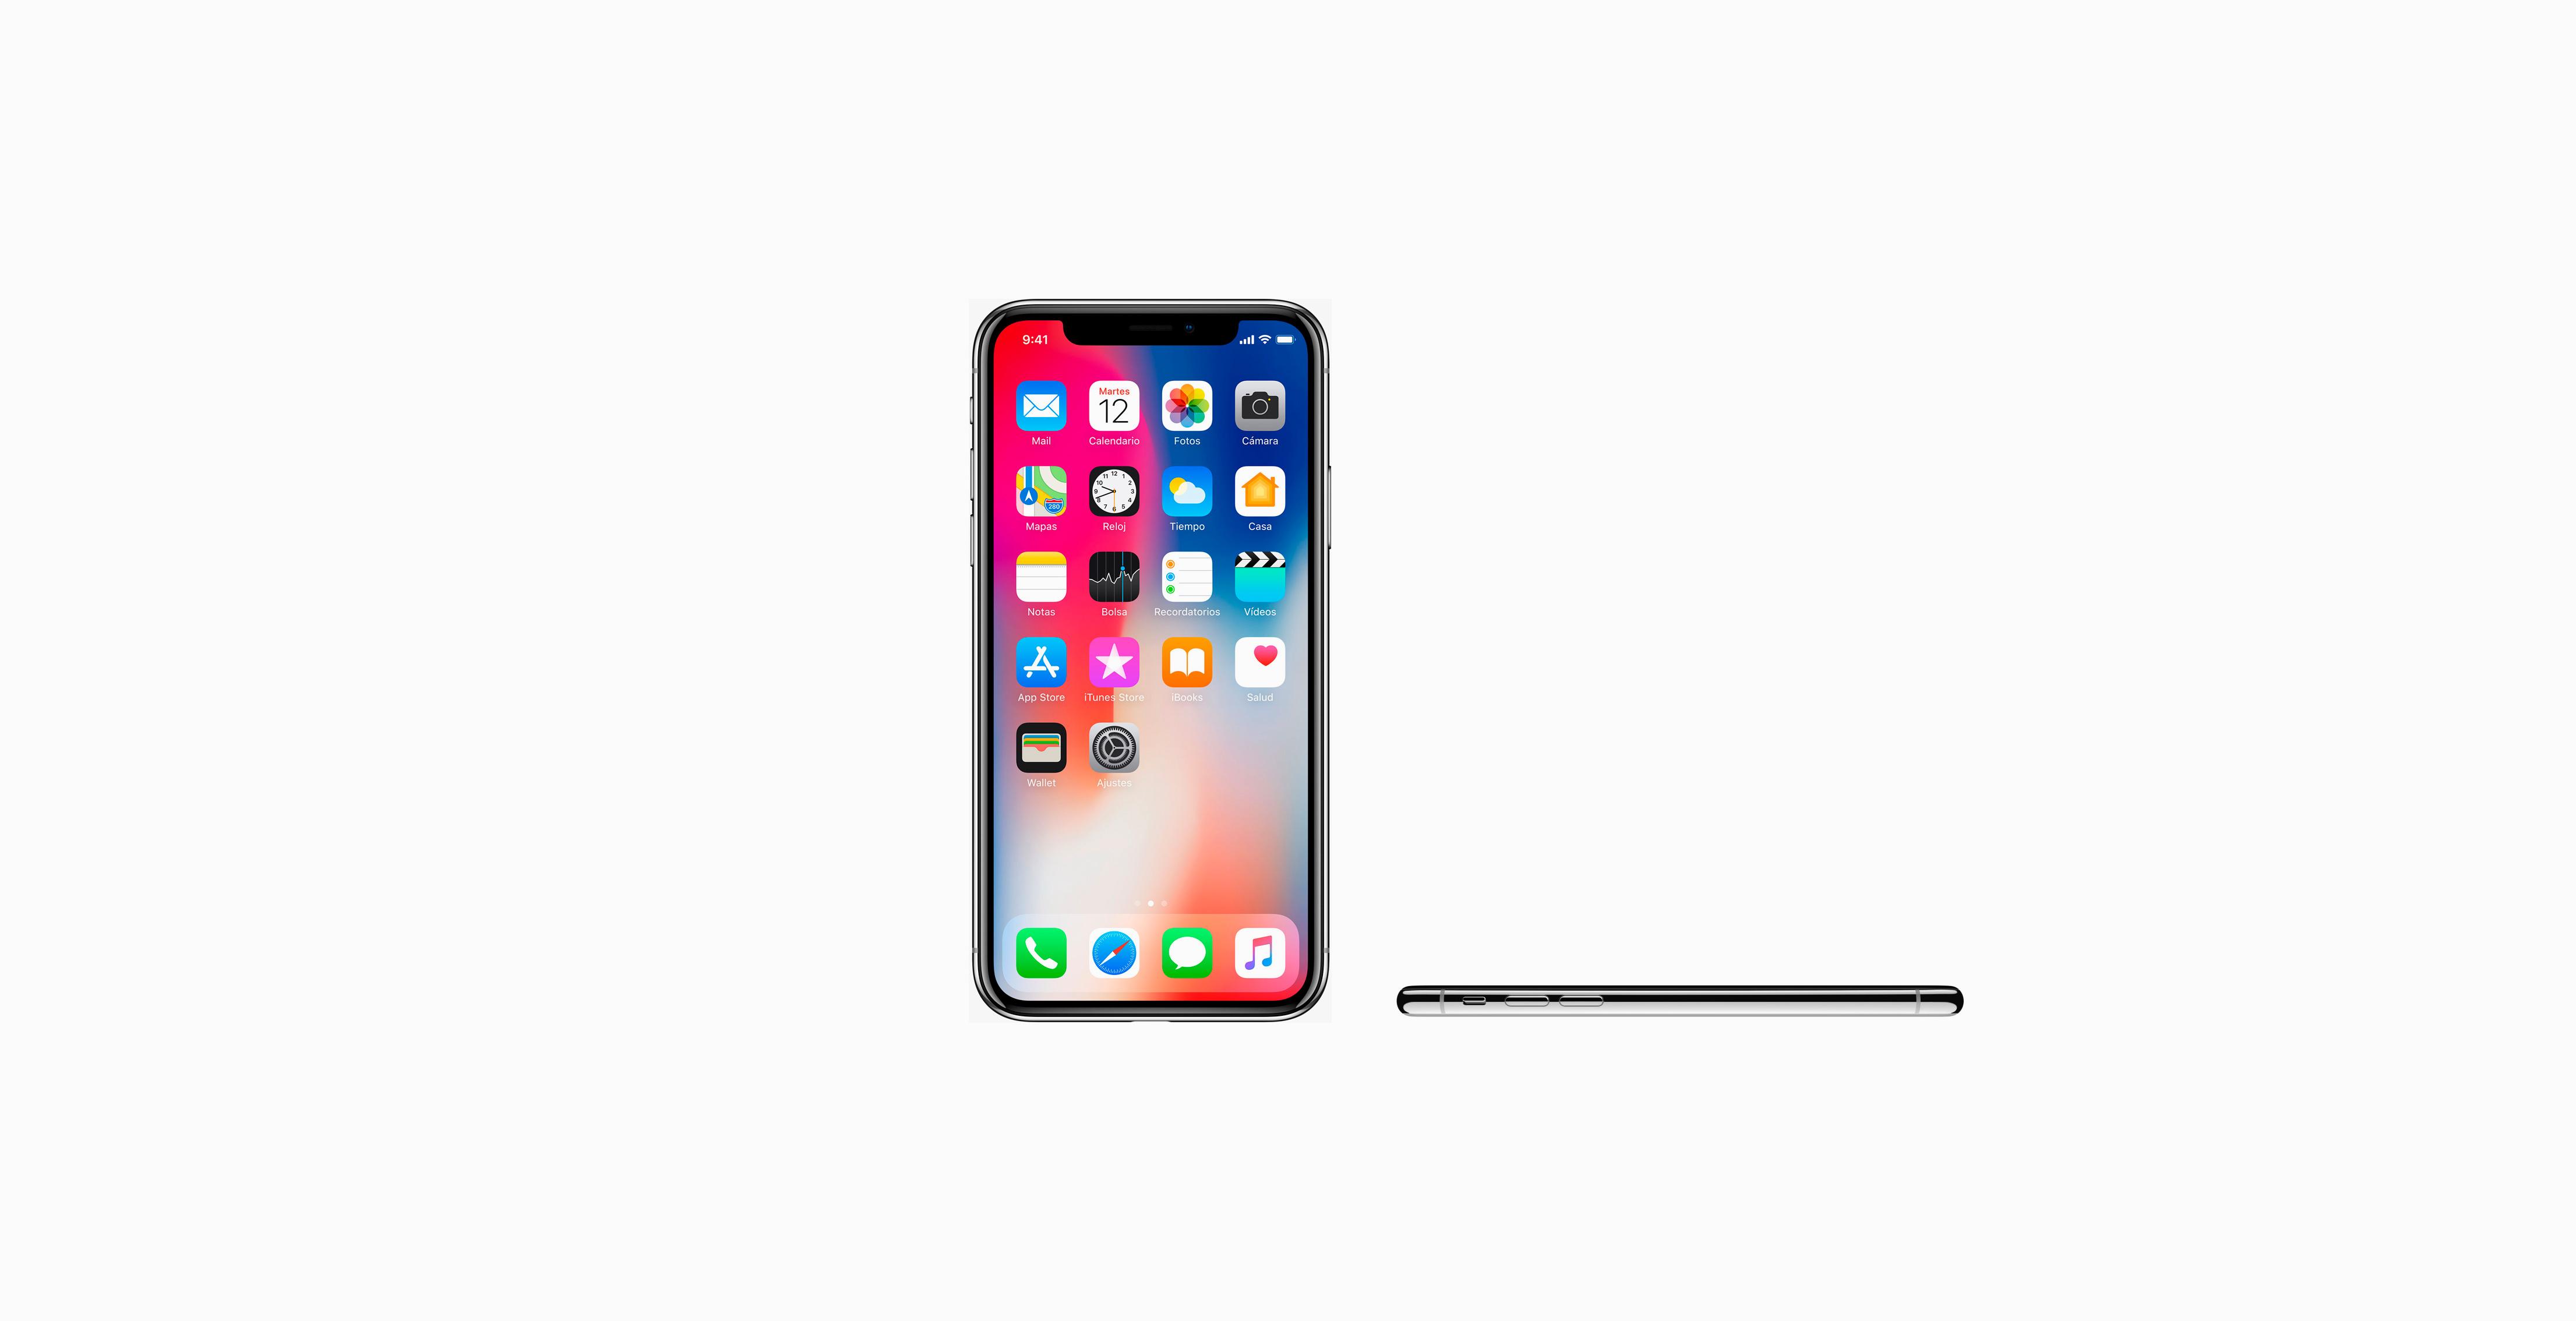 Ya está aquí el nuevo iPhone X